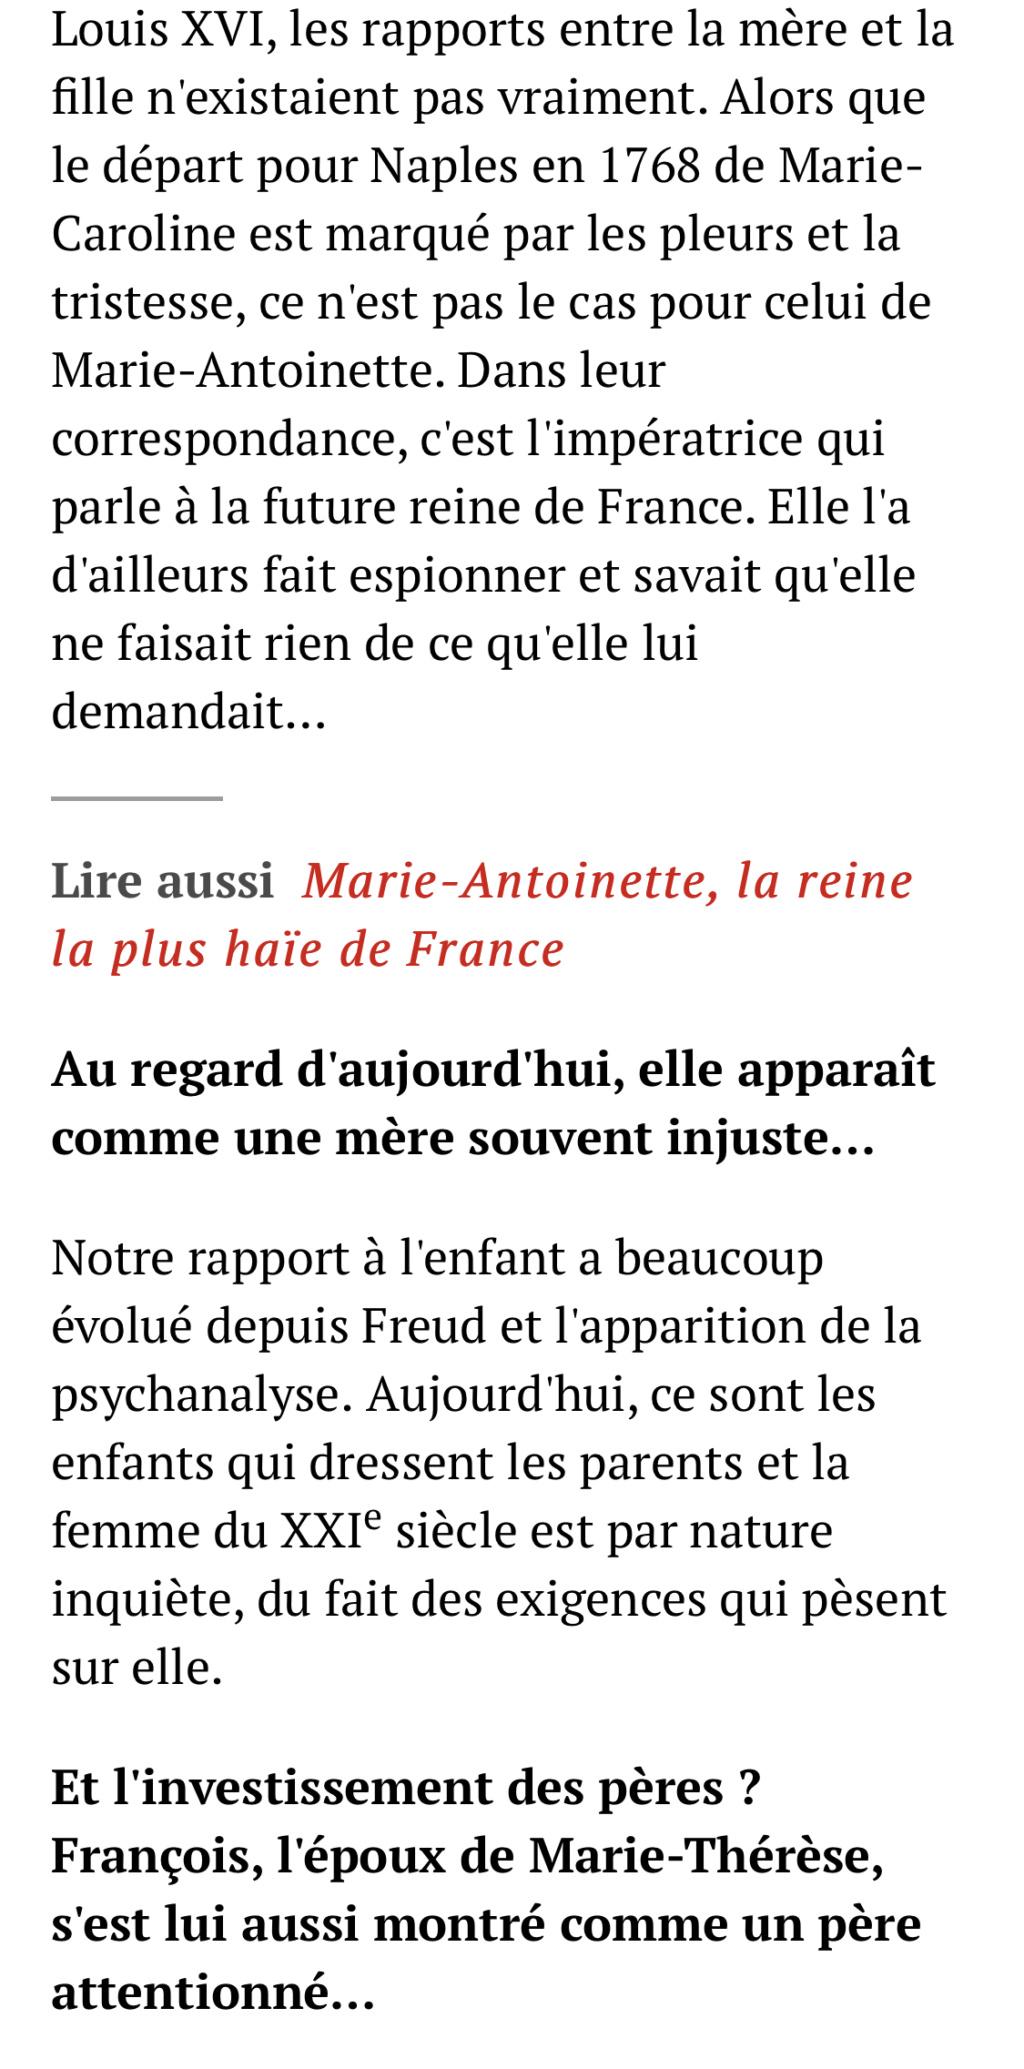 Marie-Thérèse d'Autriche : Le pouvoir au féminin & Les conflits d'une mère. De Elisabeth Badinter - Page 2 8139e810